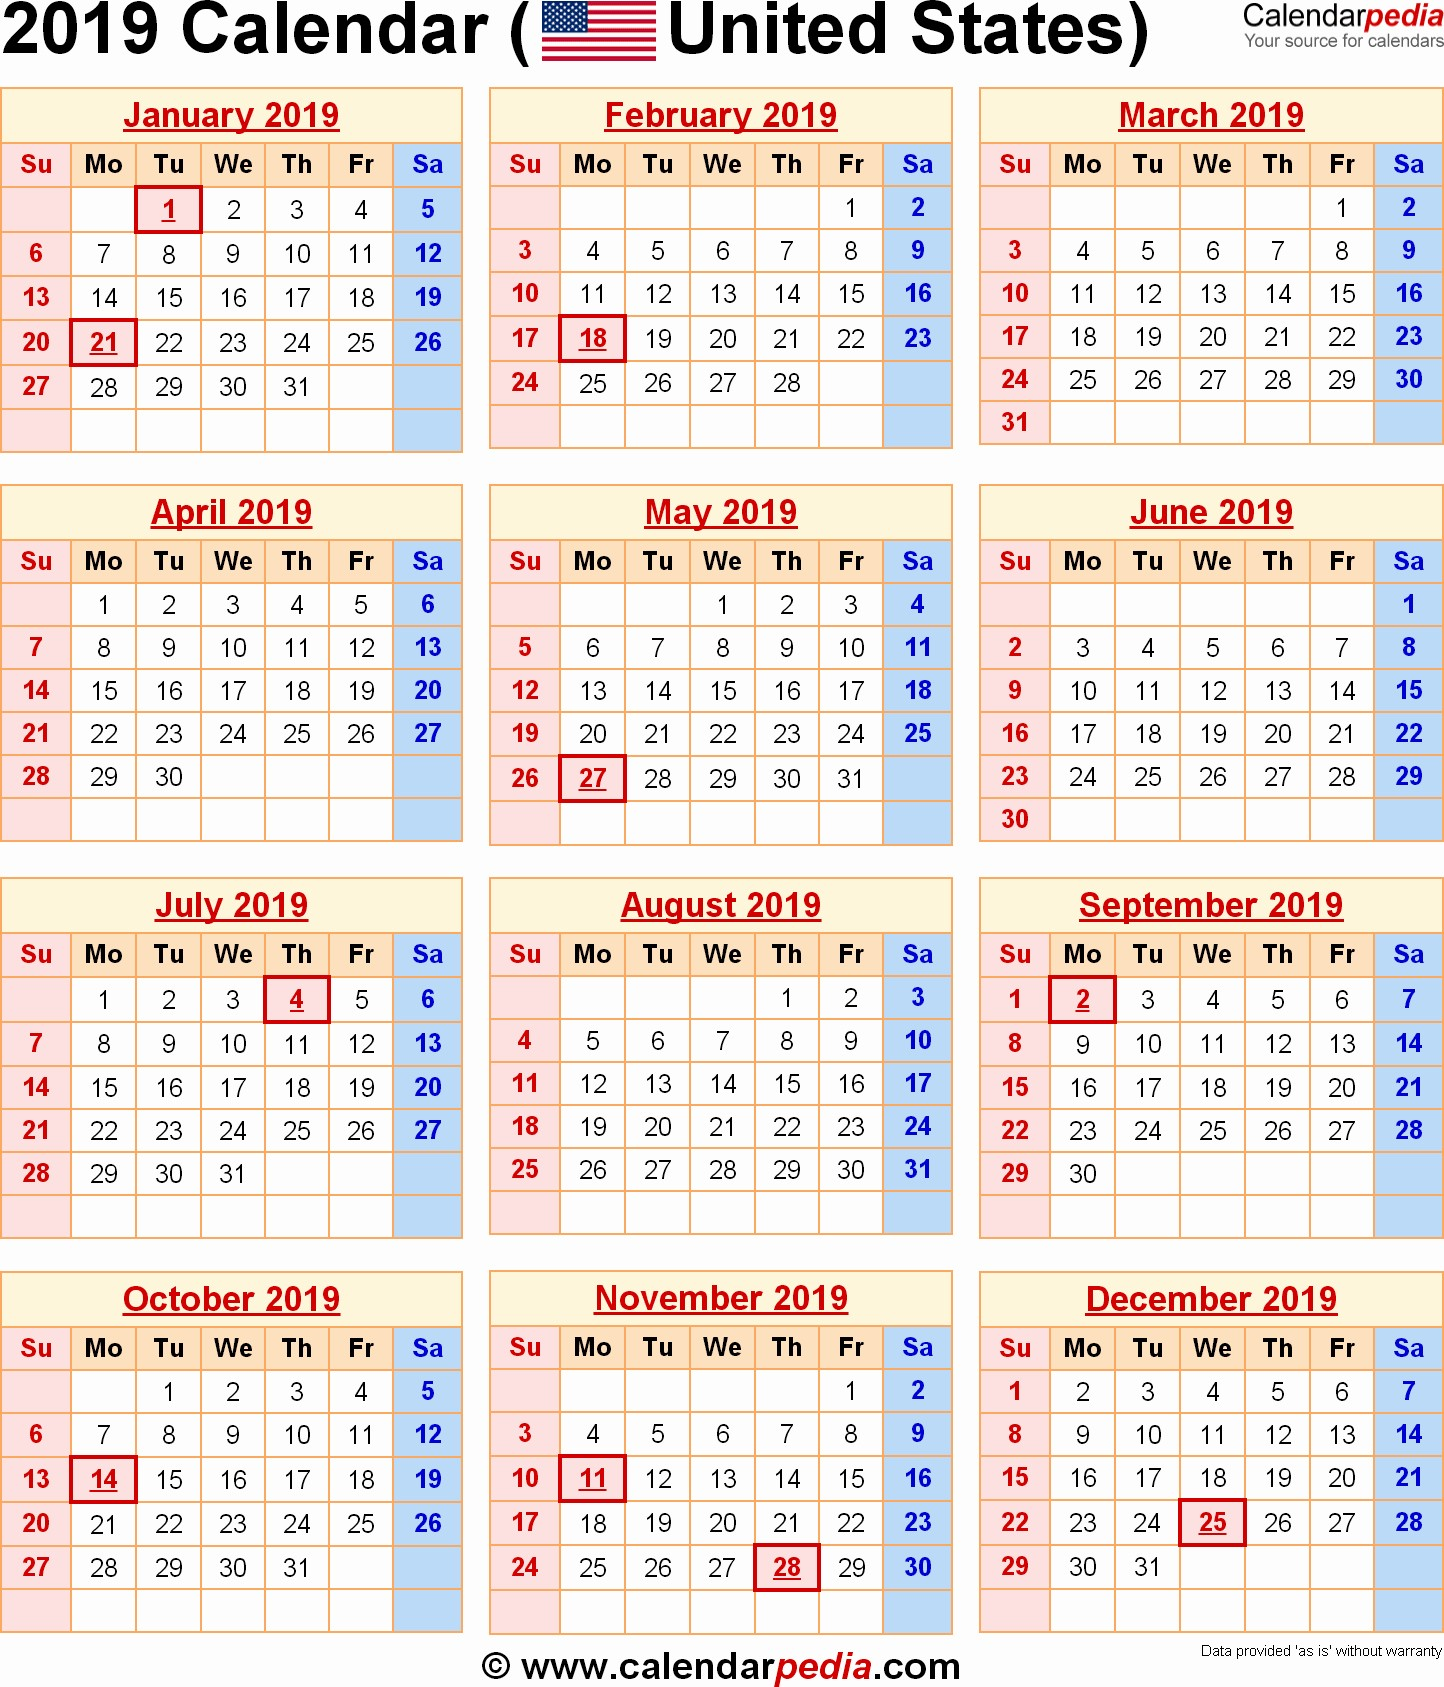 March Holiday Calendar 2019 Recientes Post Fice Holiday Schedule 2018 March 2019 Calendar with Holidays Of March Holiday Calendar 2019 Más Caliente Printable March 2019 Calendar Template Holidays Yes Calendars